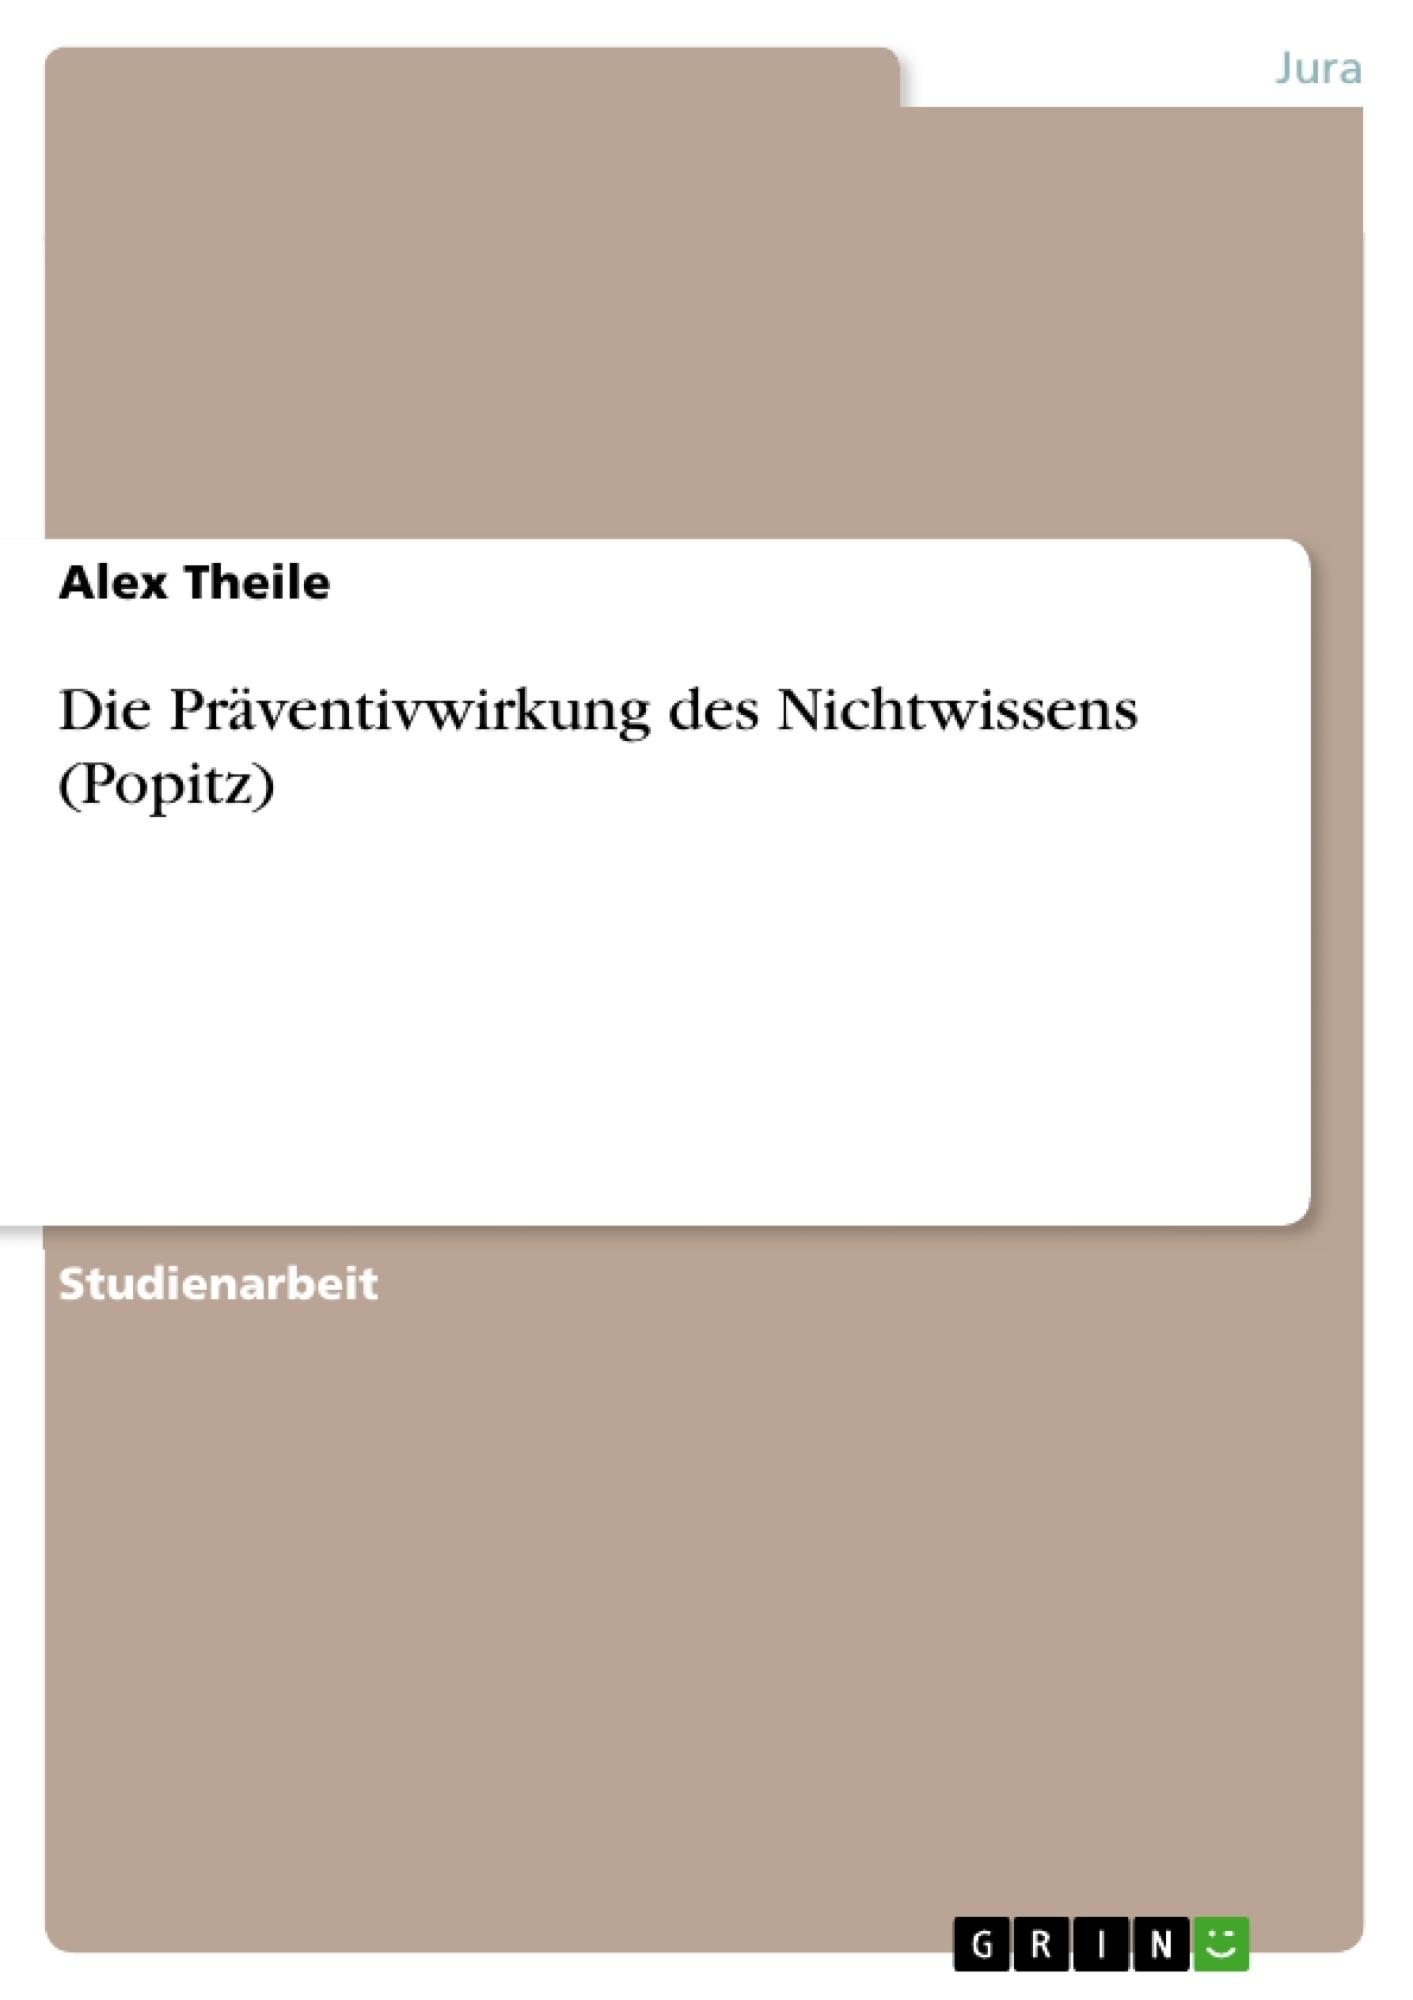 Titel: Die Präventivwirkung des Nichtwissens (Popitz)